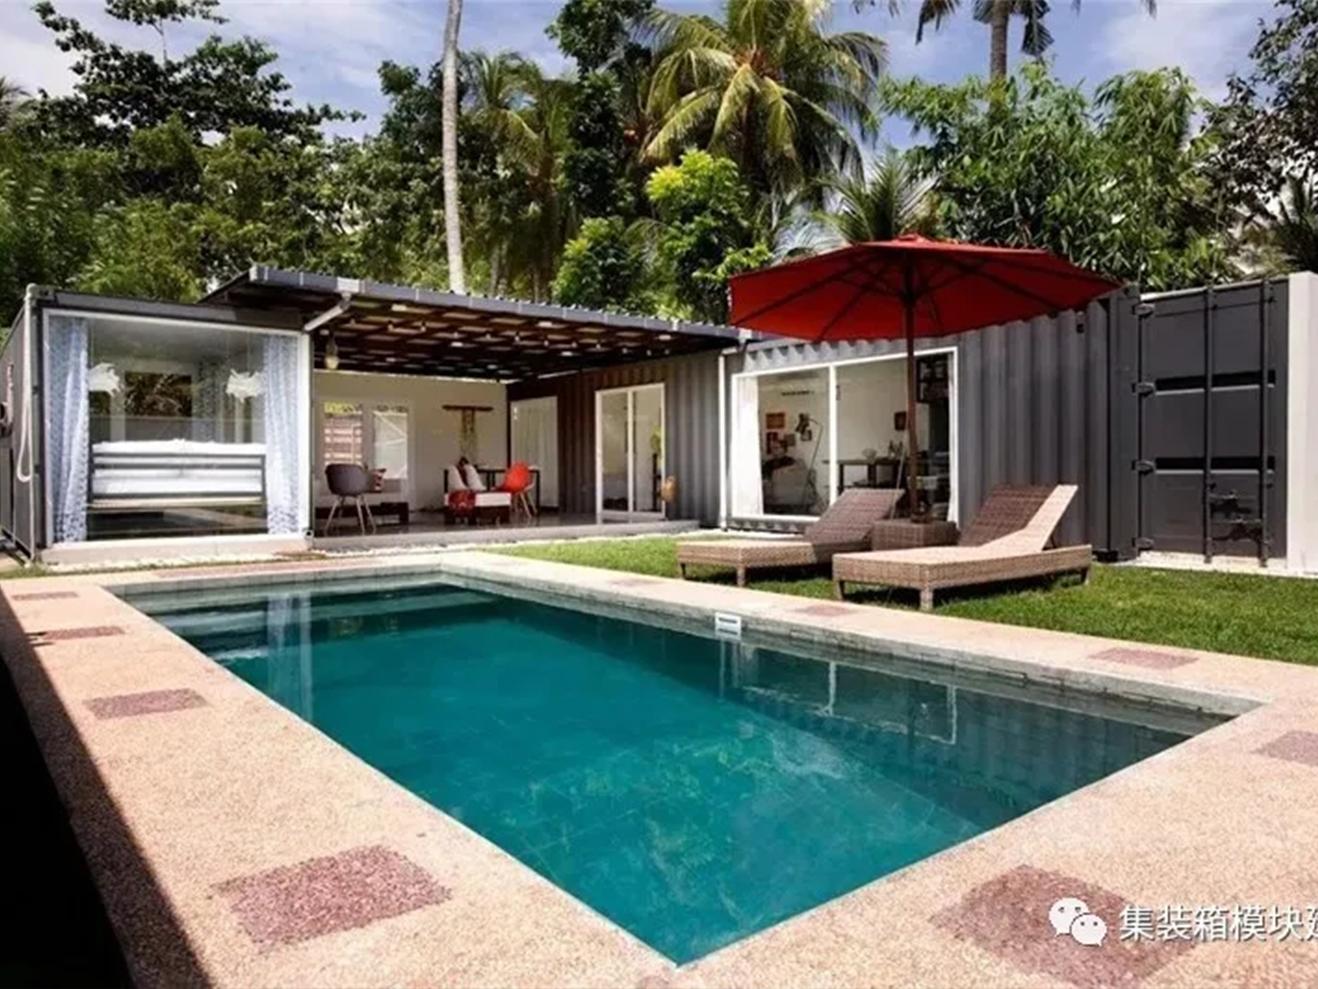 集装箱现代度假屋,带泳池的半围合结构最舒服!